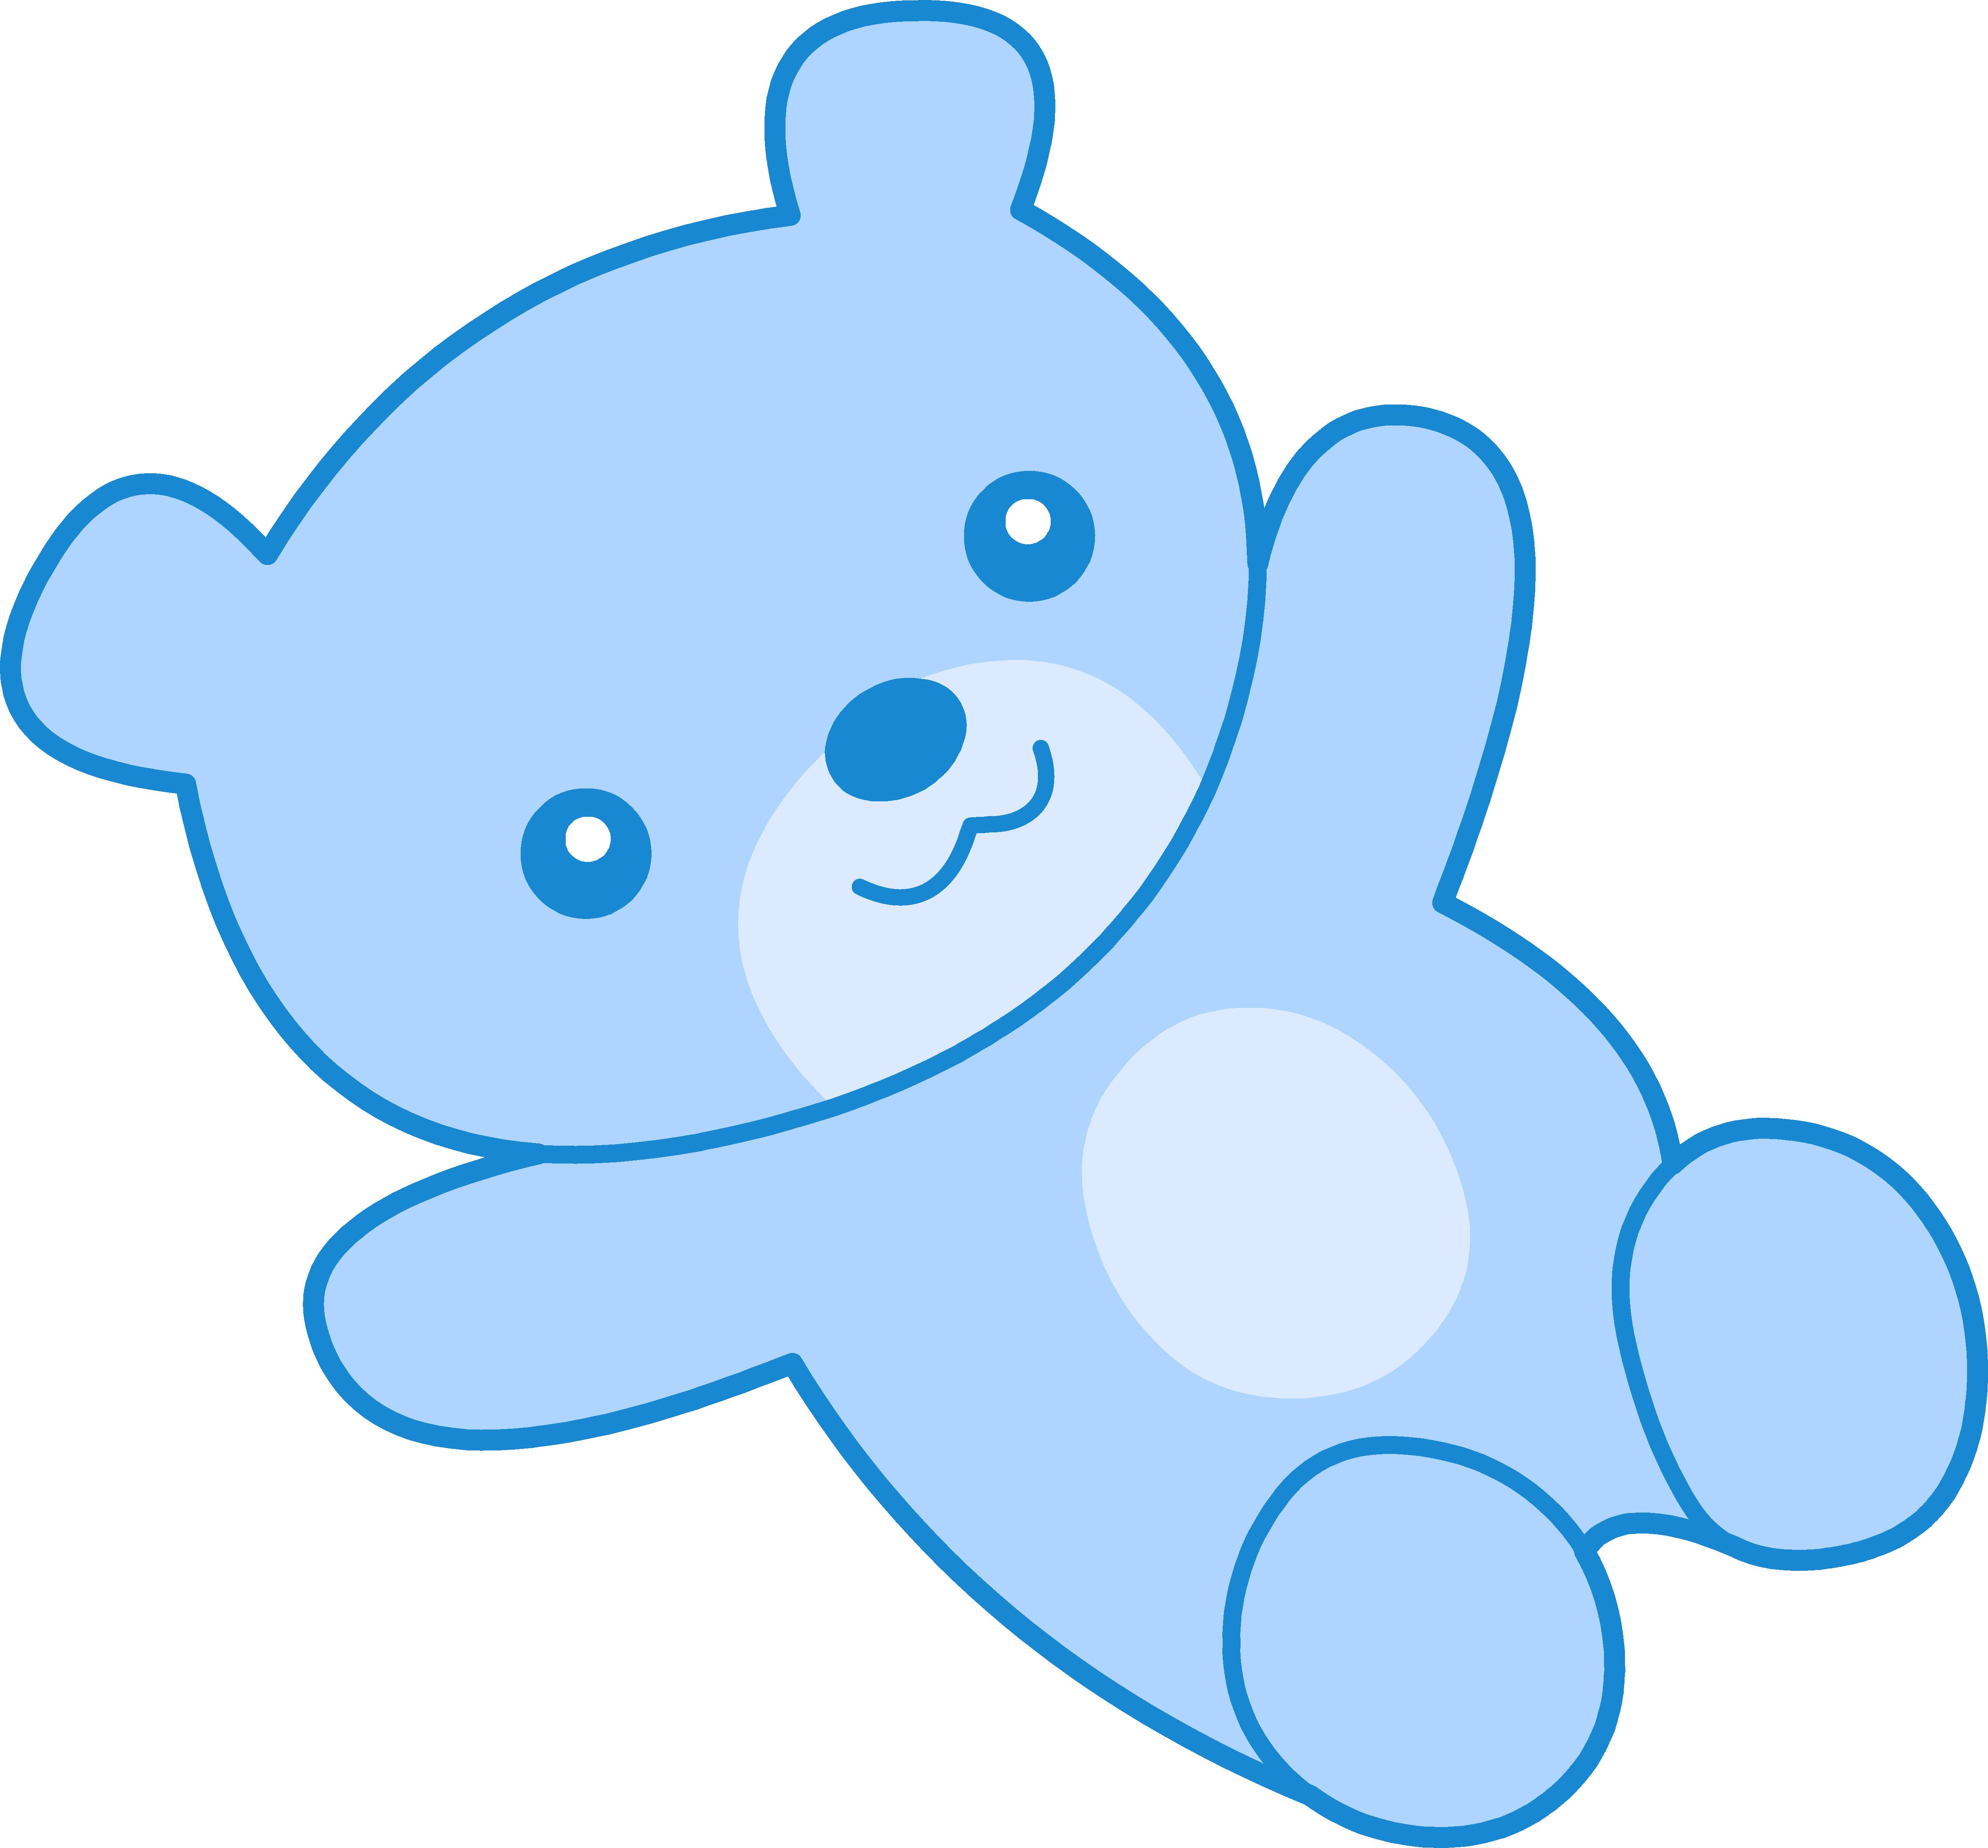 Cute Blue Teddy Bear Clipart.